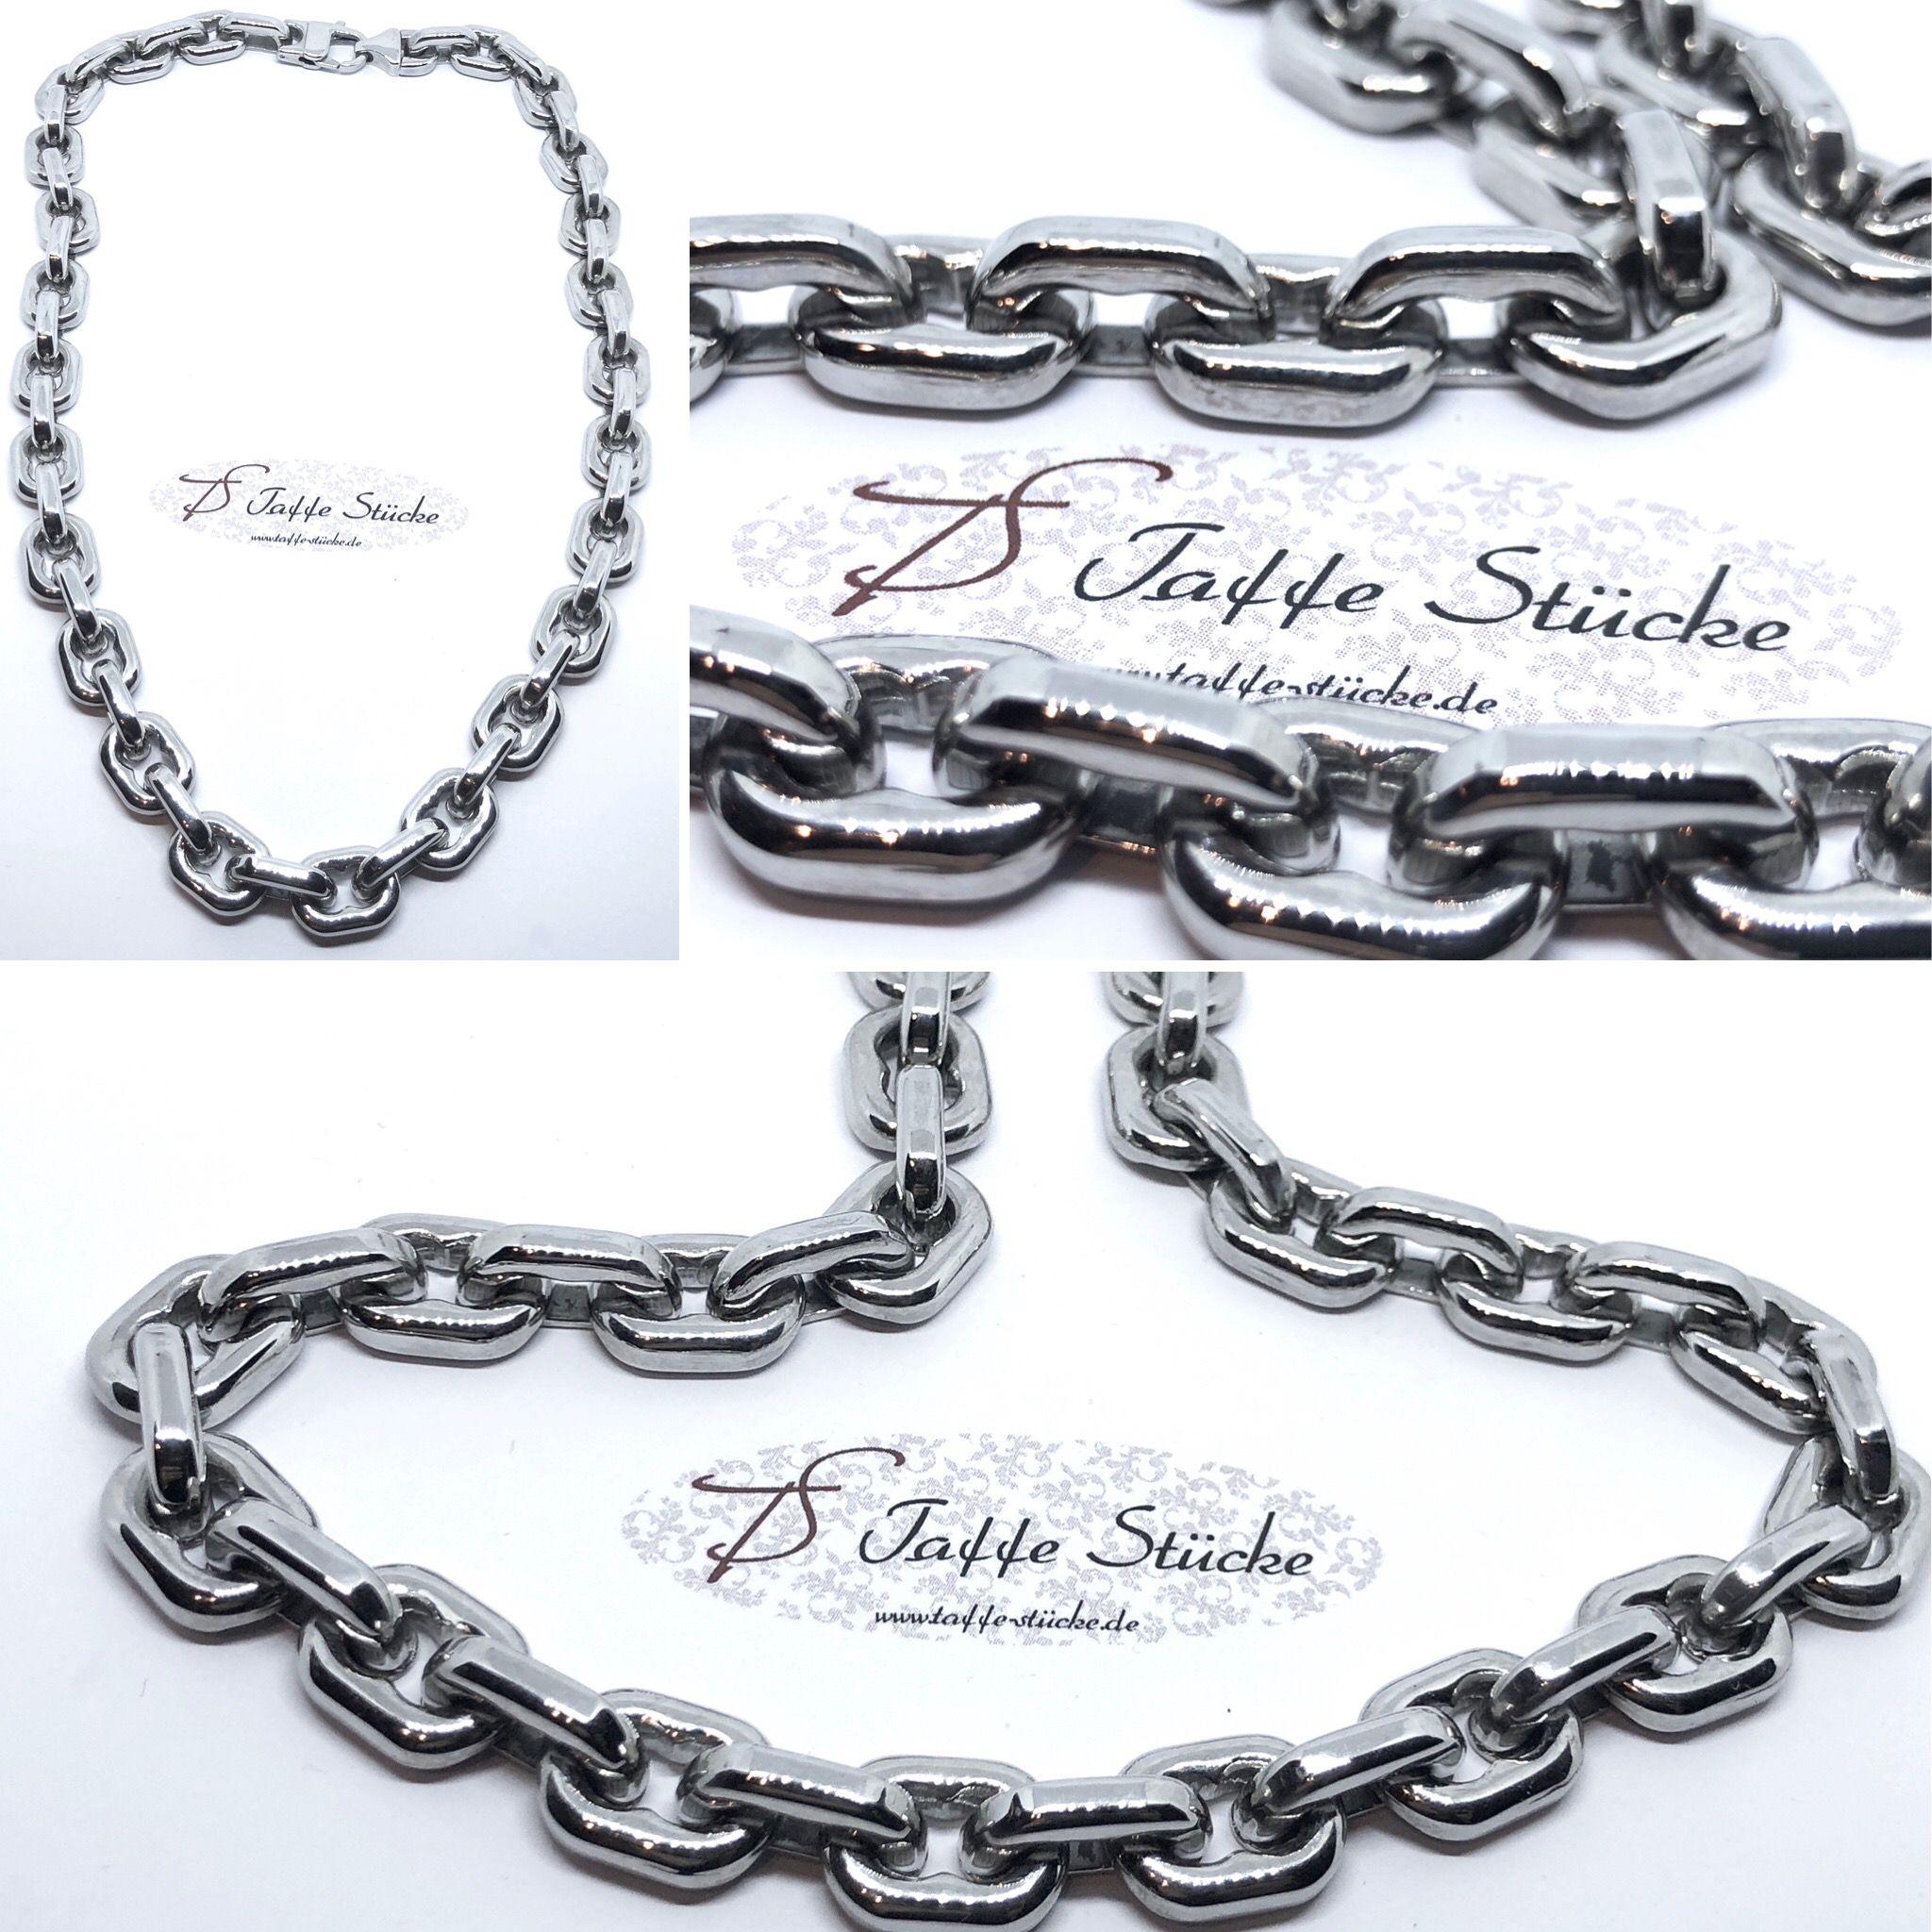 43a837b42961 Mächtig ist diese Halskette aus Edelstahl nur ein bissl! Sieht am Hals bei  Mann oder